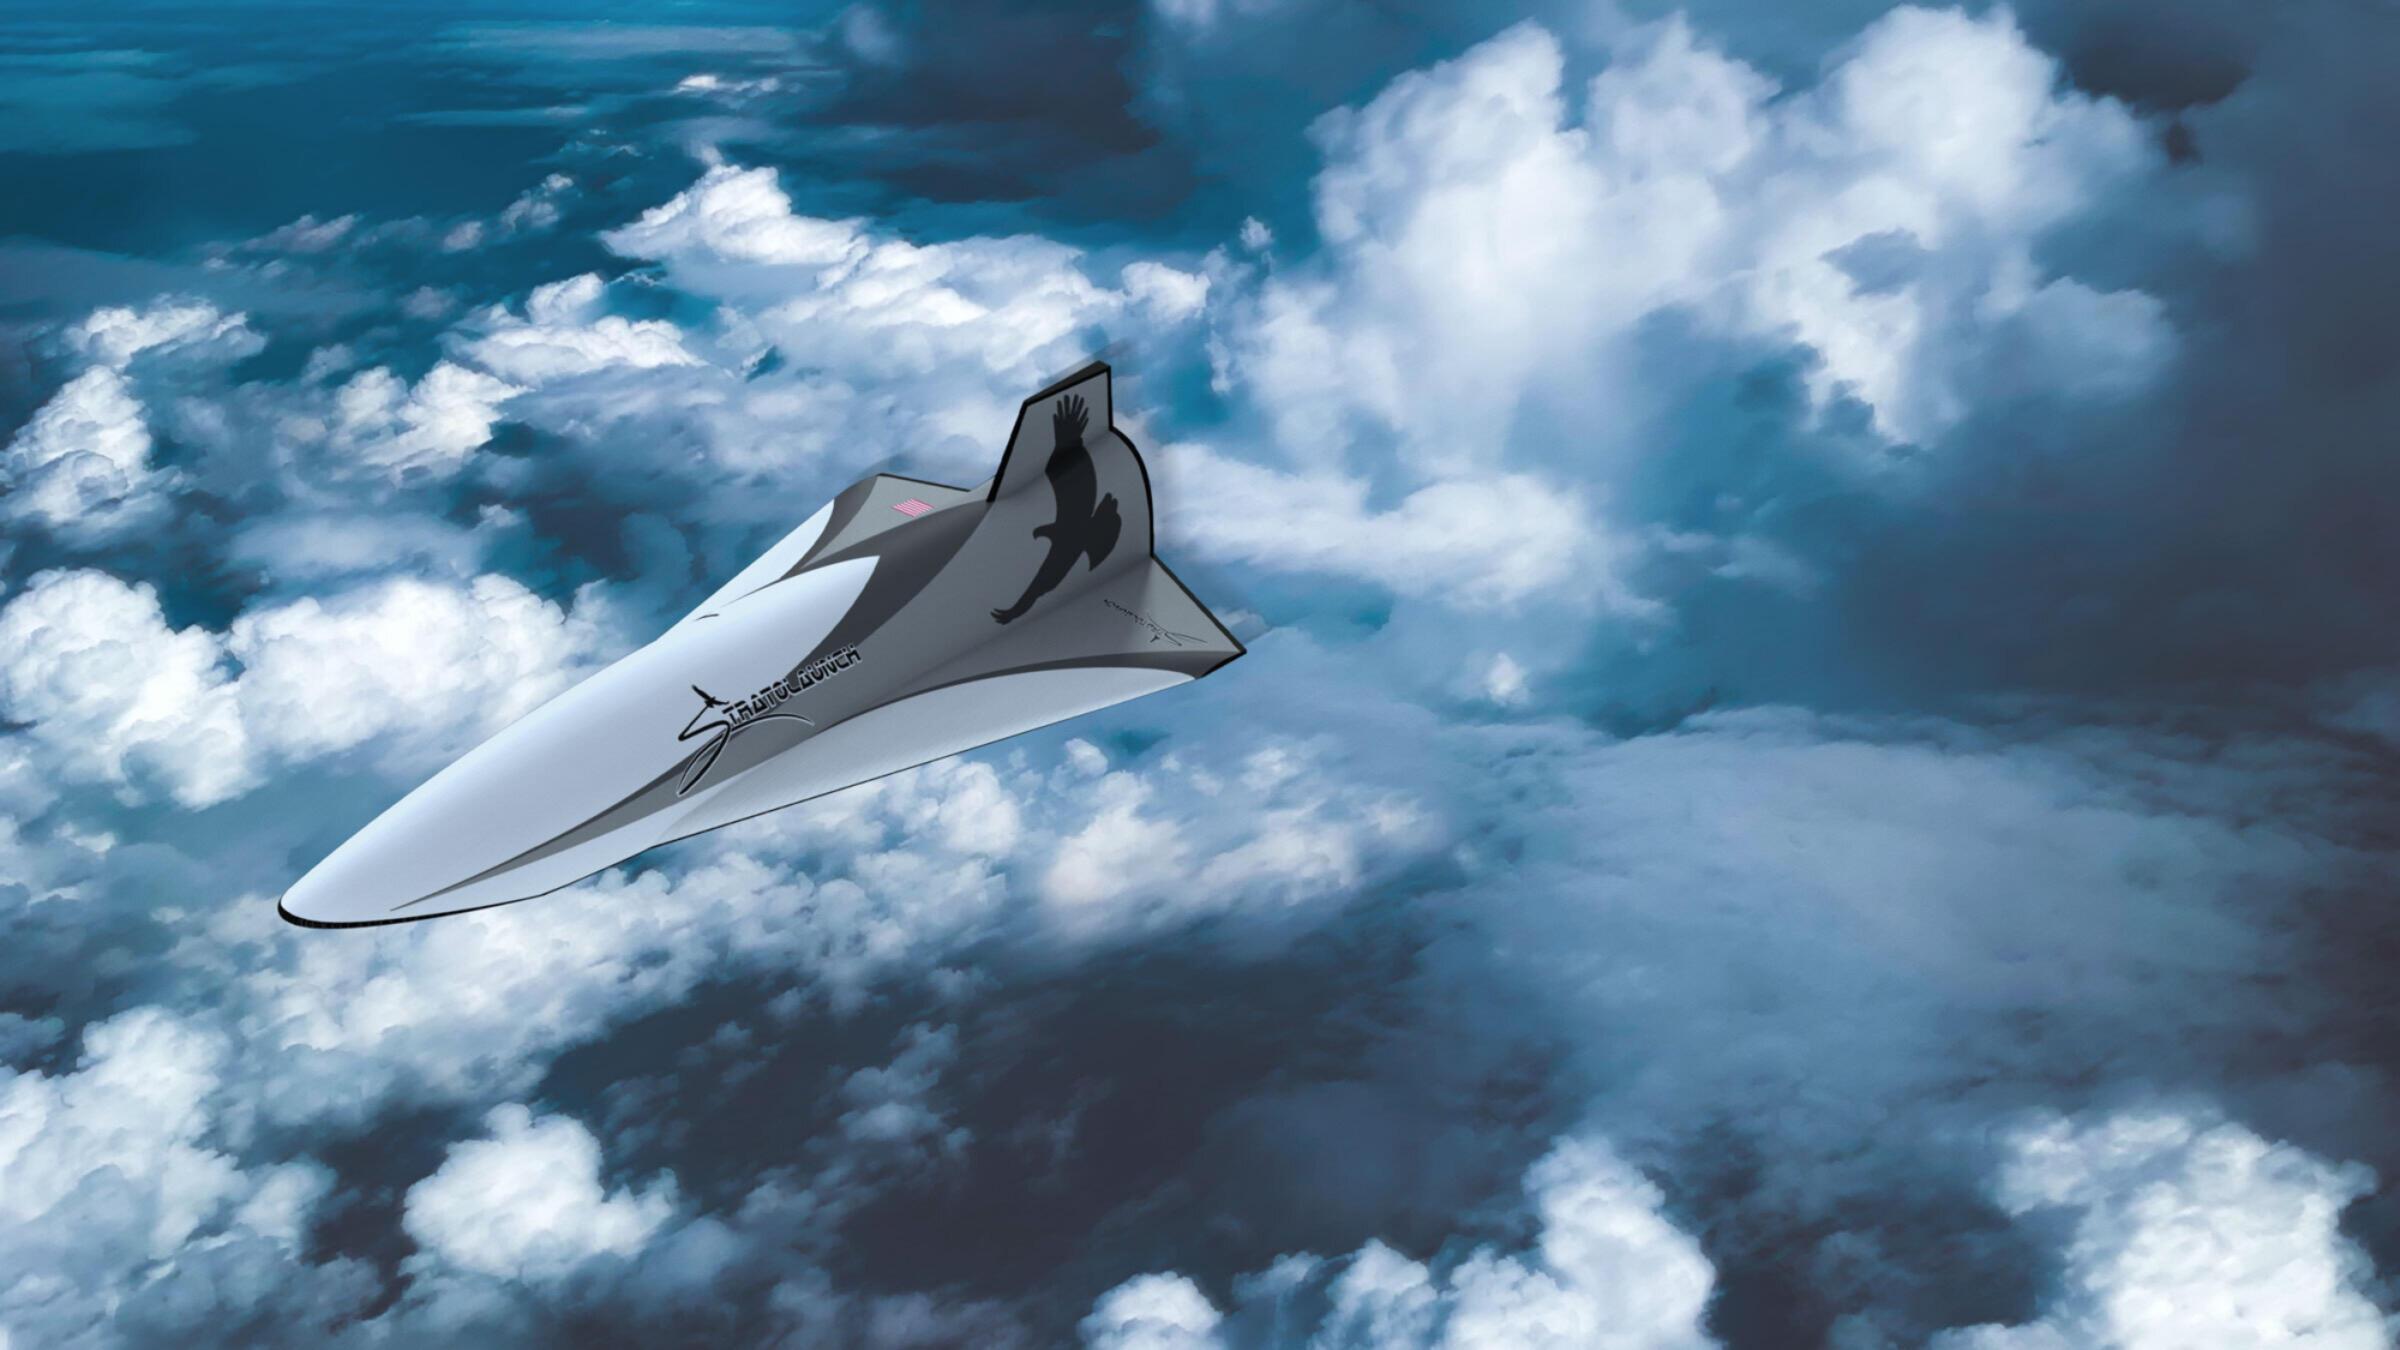 Stratolaunch révèle la mise à jour de sa flotte, dont deux avions hypersoniques et un avion spatial